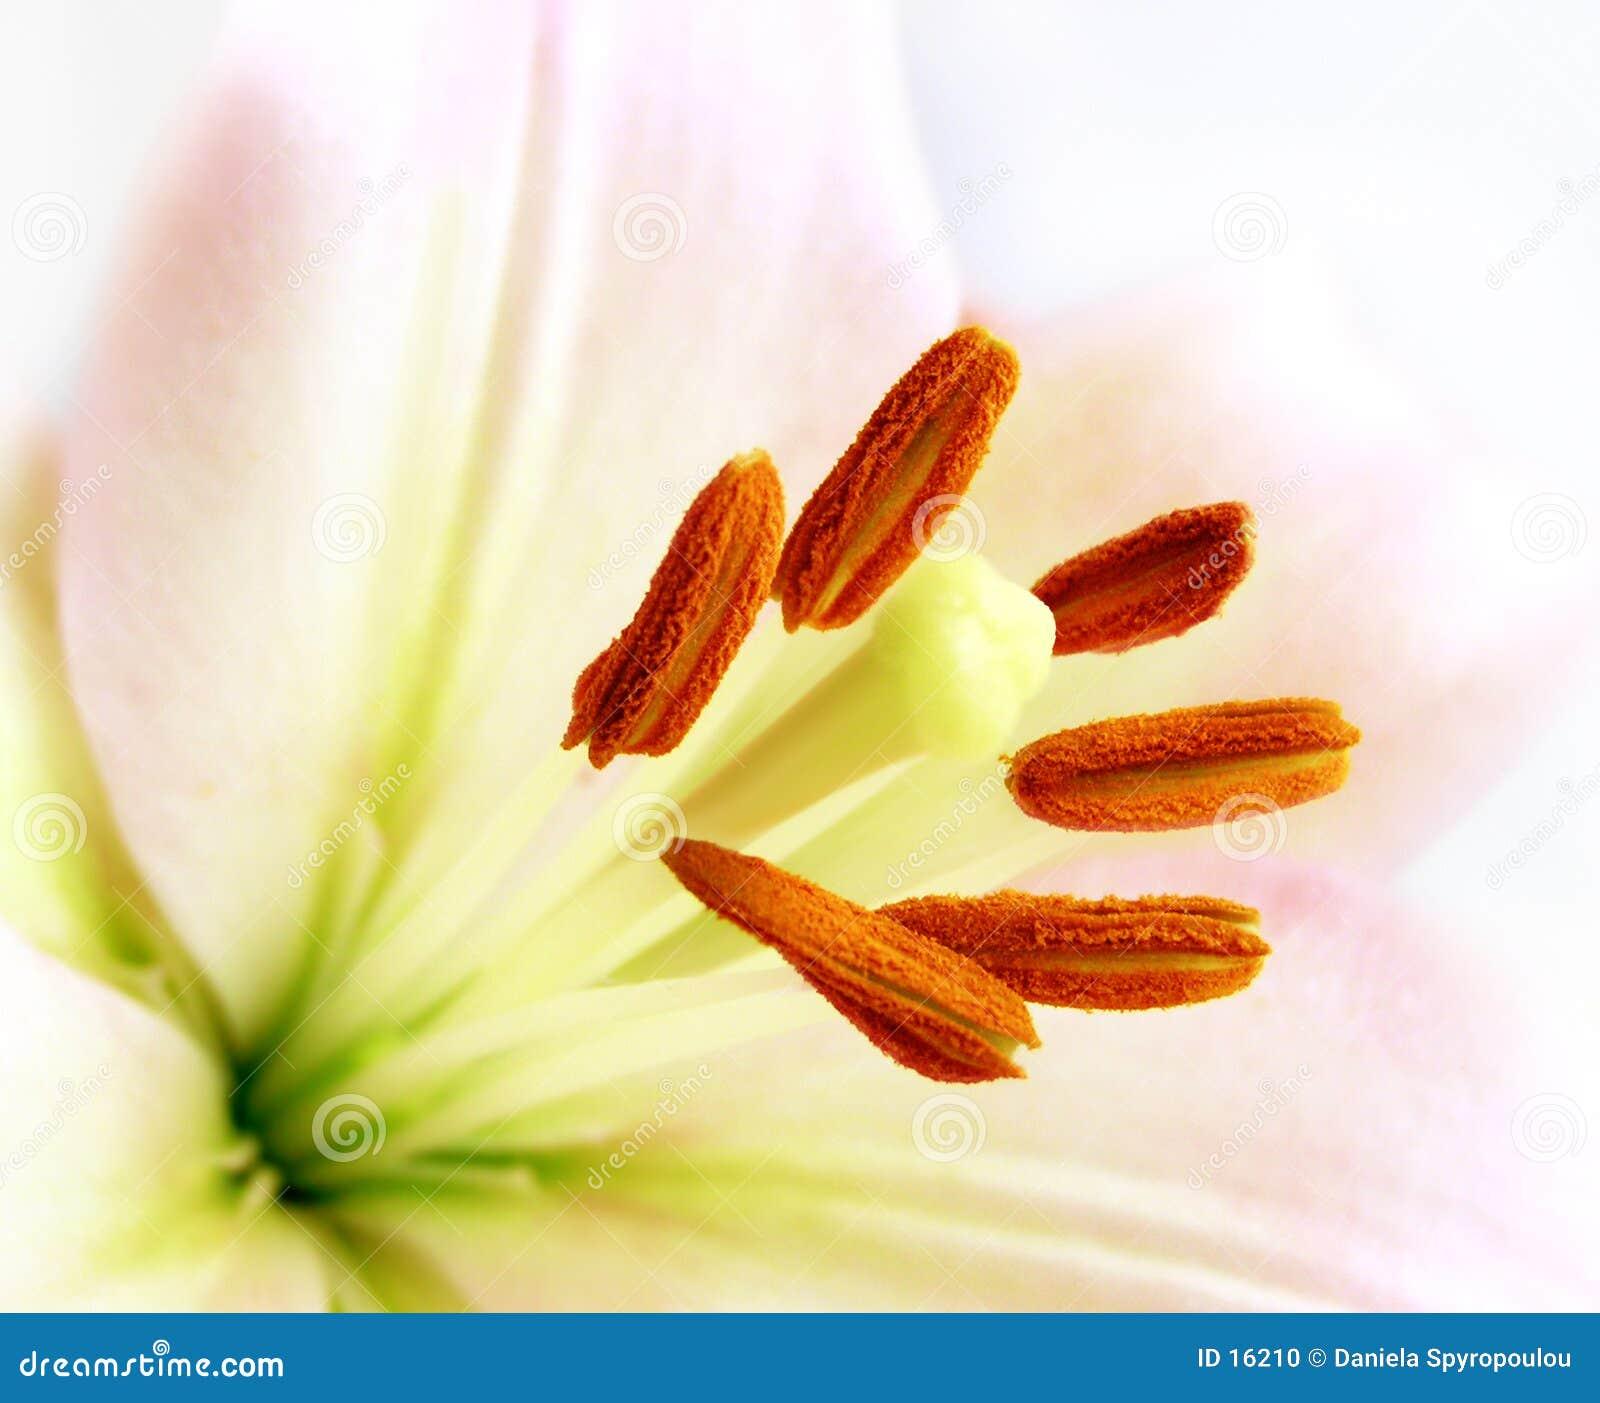 Nahaufnahme einer weißen Lilie